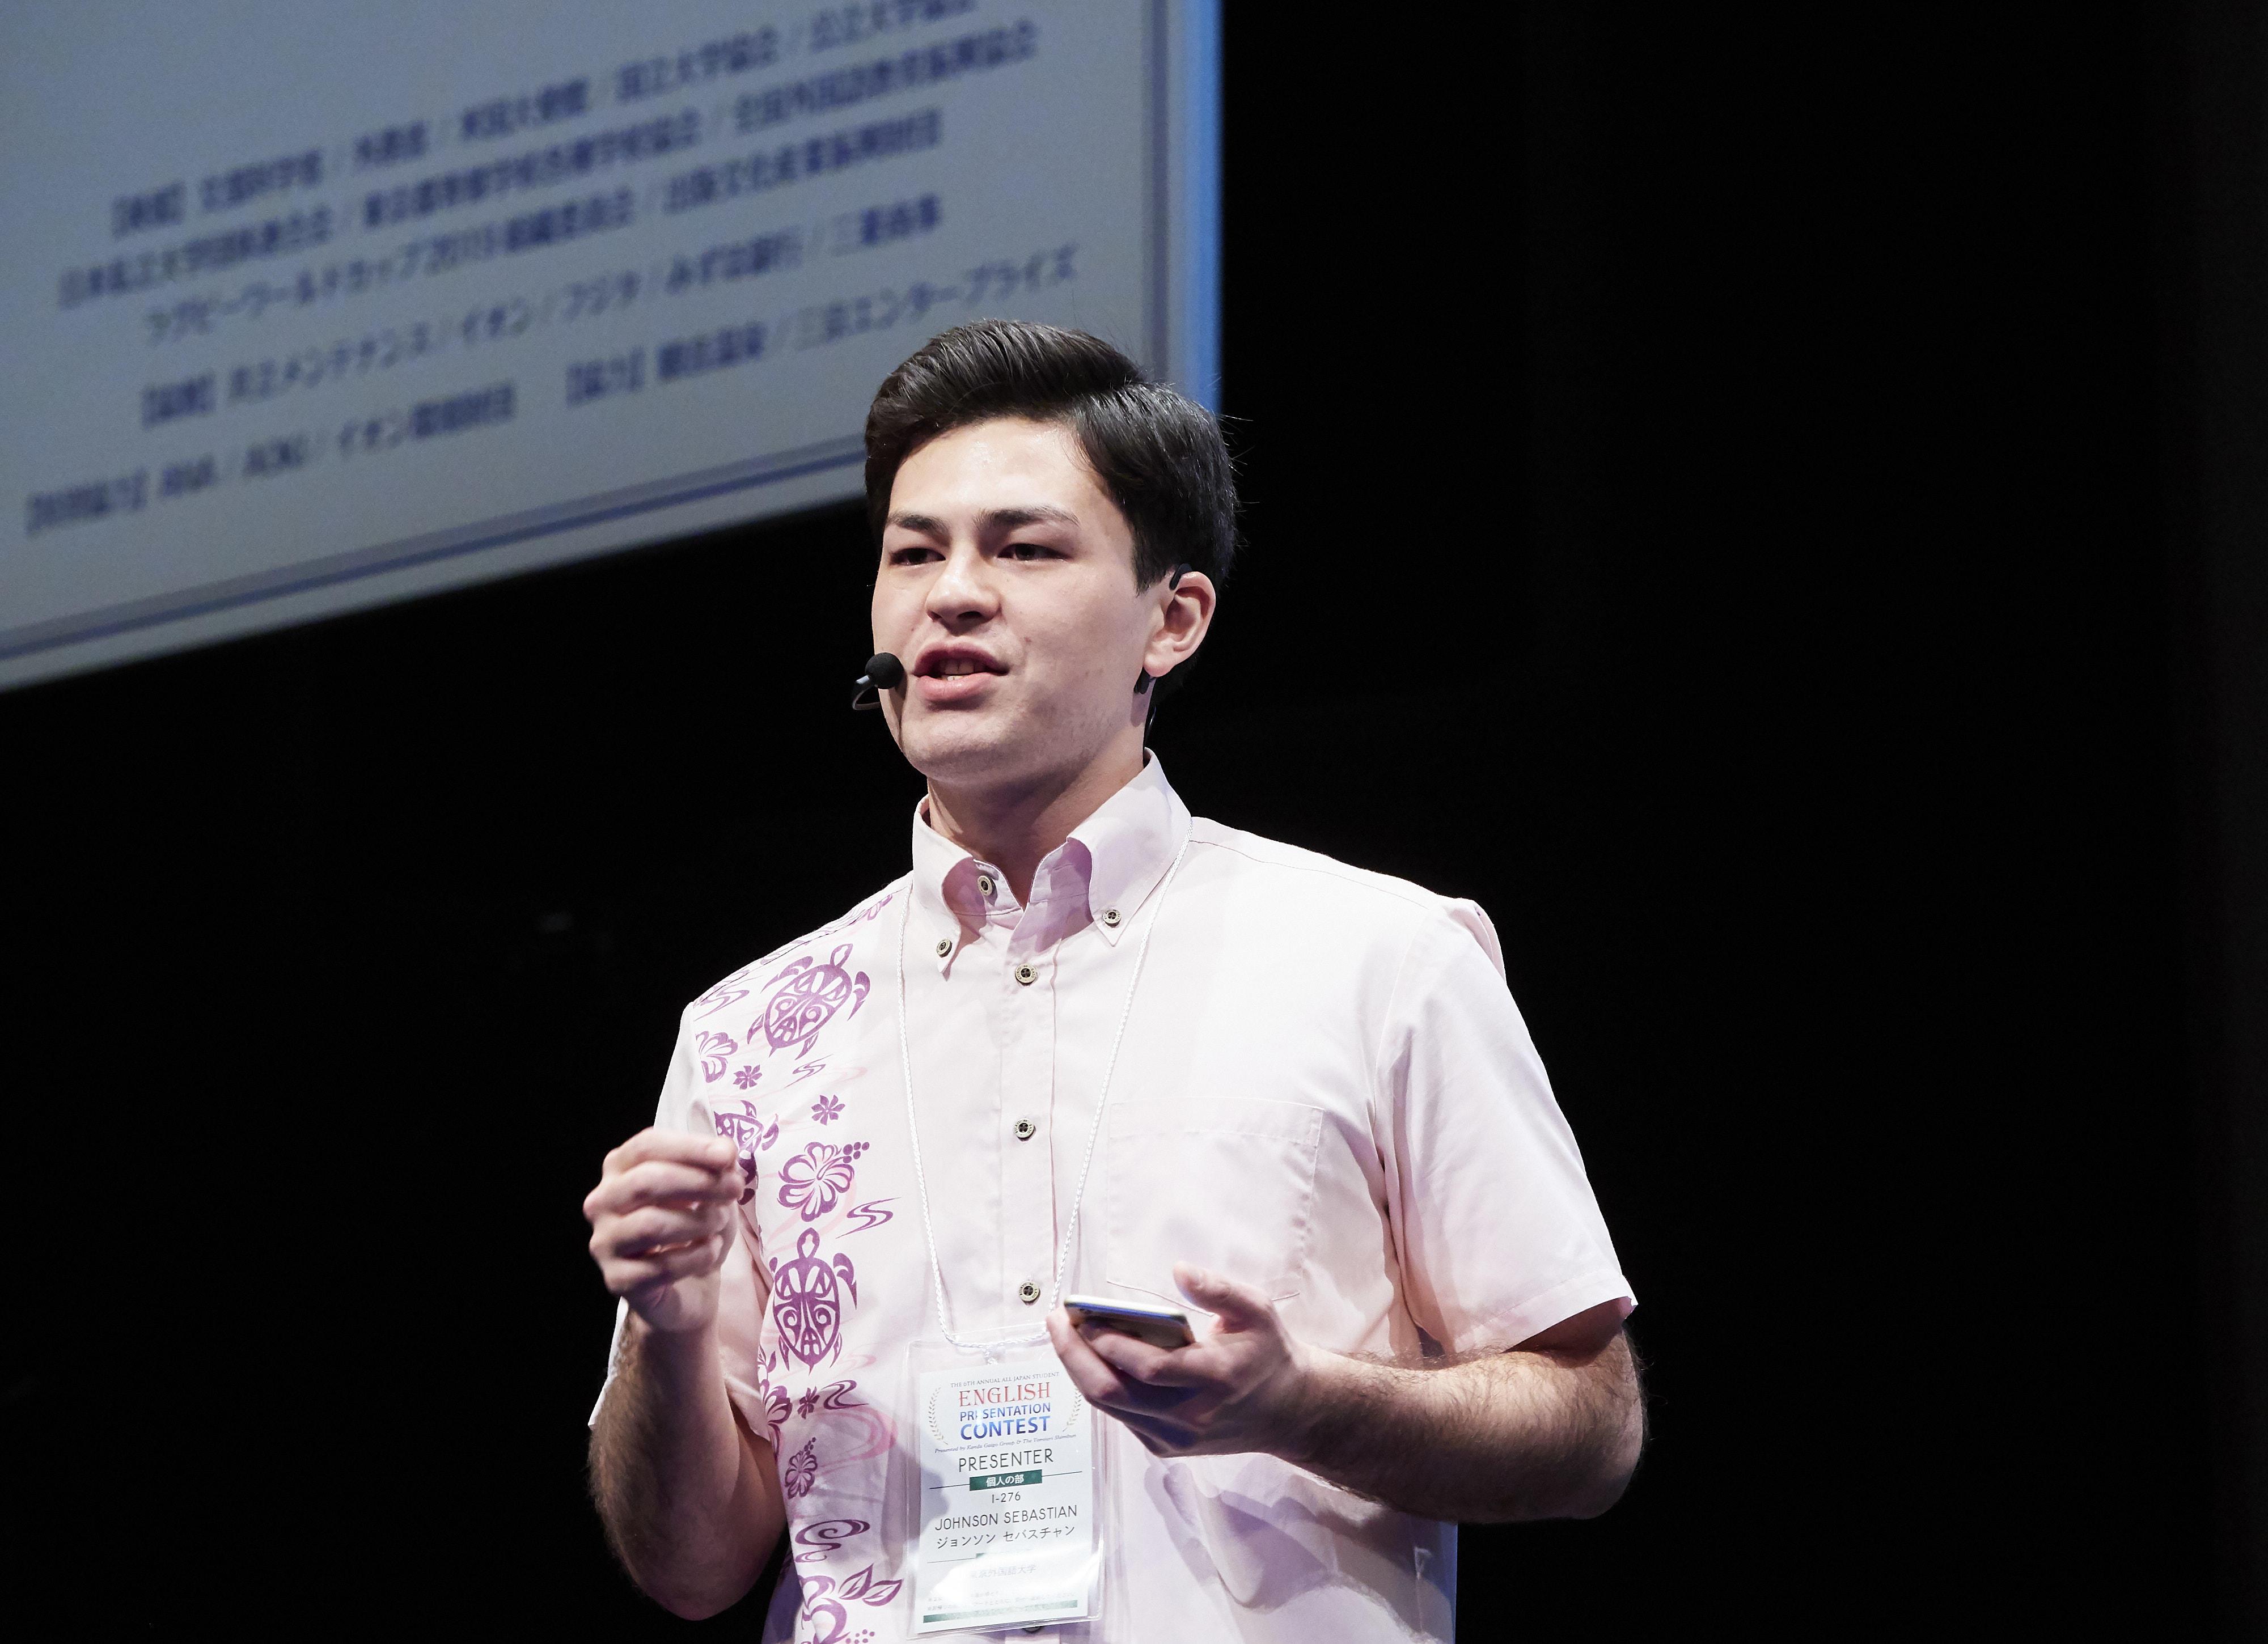 神田外語グループが12月1日に「第7回全国学生英語プレゼンテーションコンテスト」を開催 -- 5月30日よりエントリー受付中